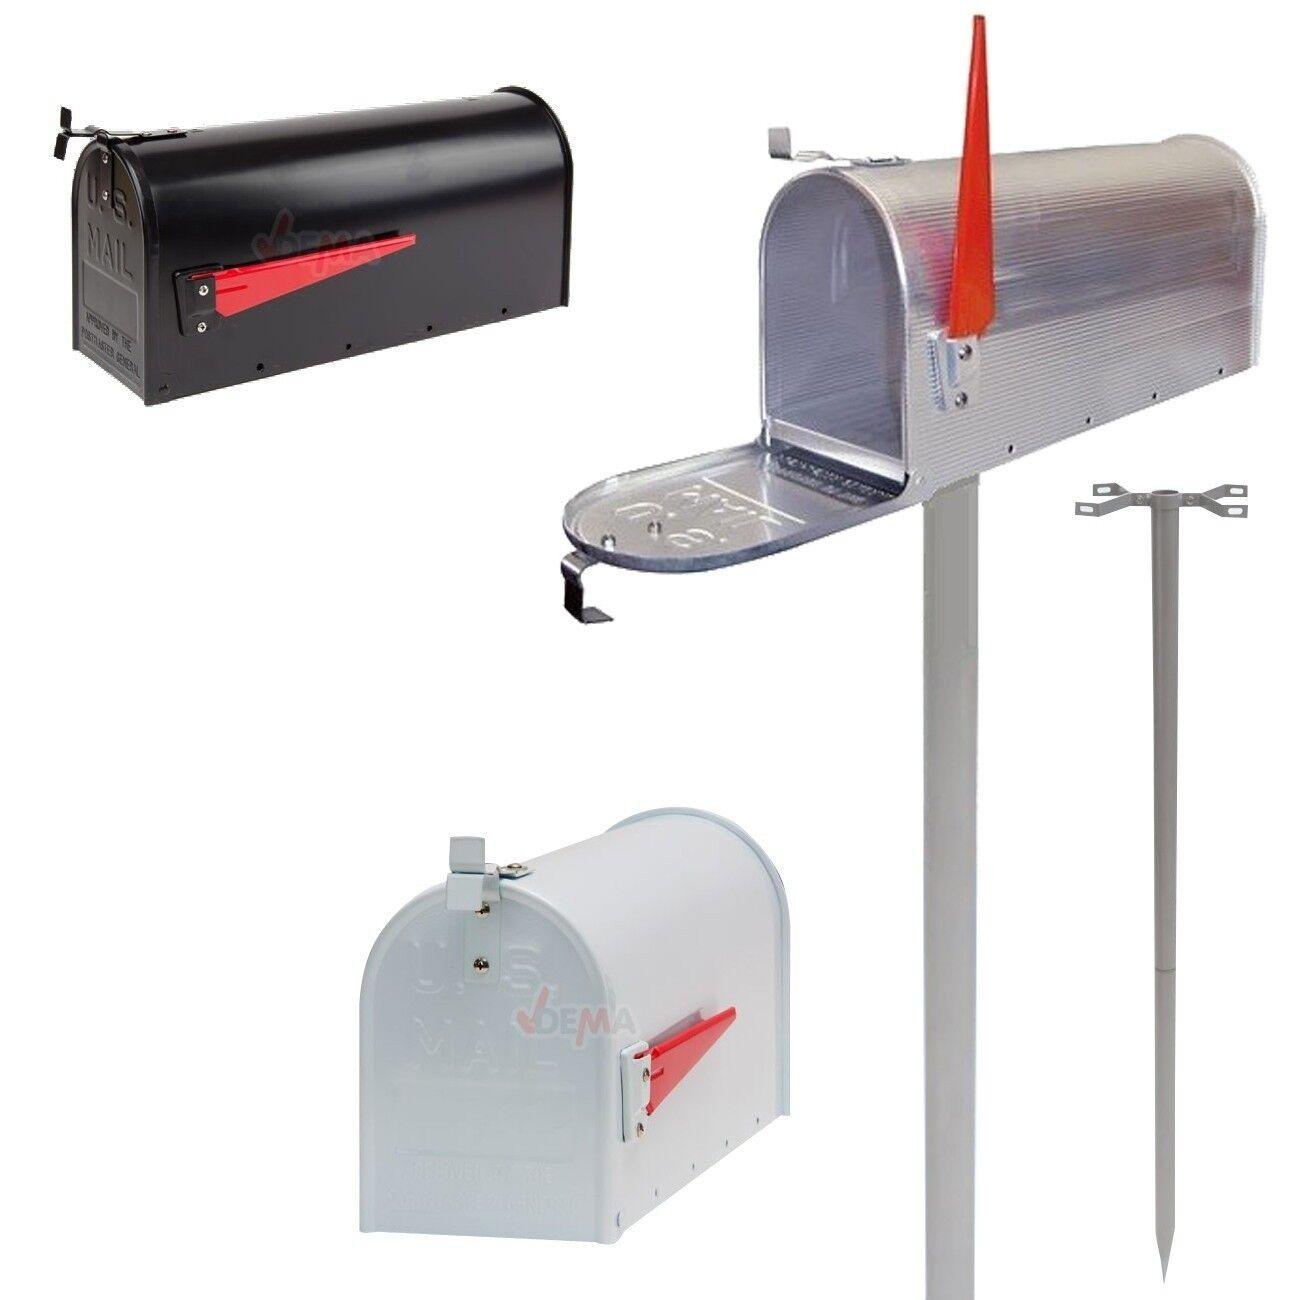 Alu Briefkasten US Mailbox USA Amerika Postbox schwarz weiß silber